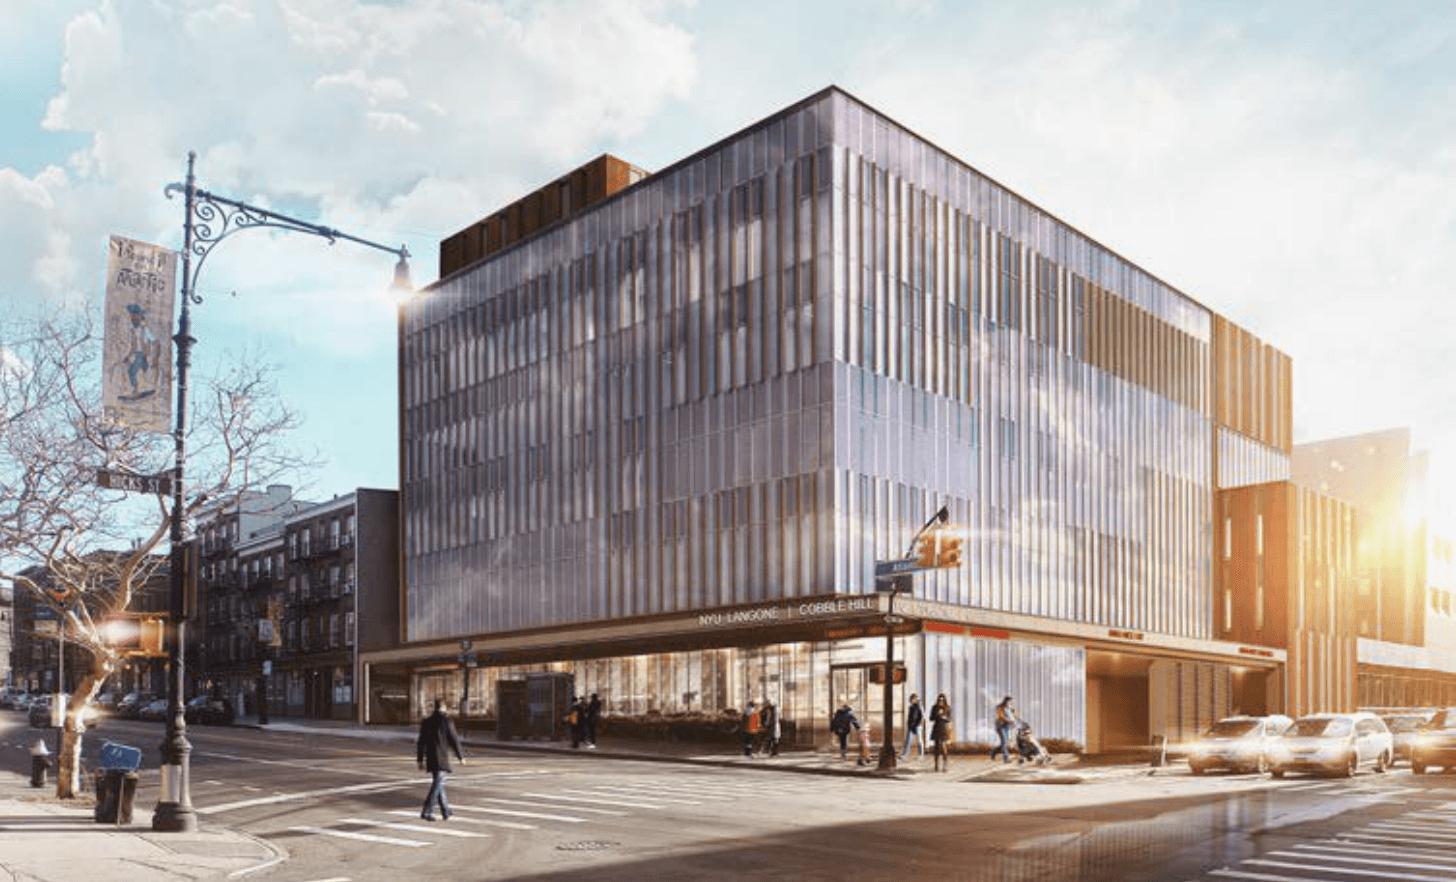 nyu langone medical center | new york yimby